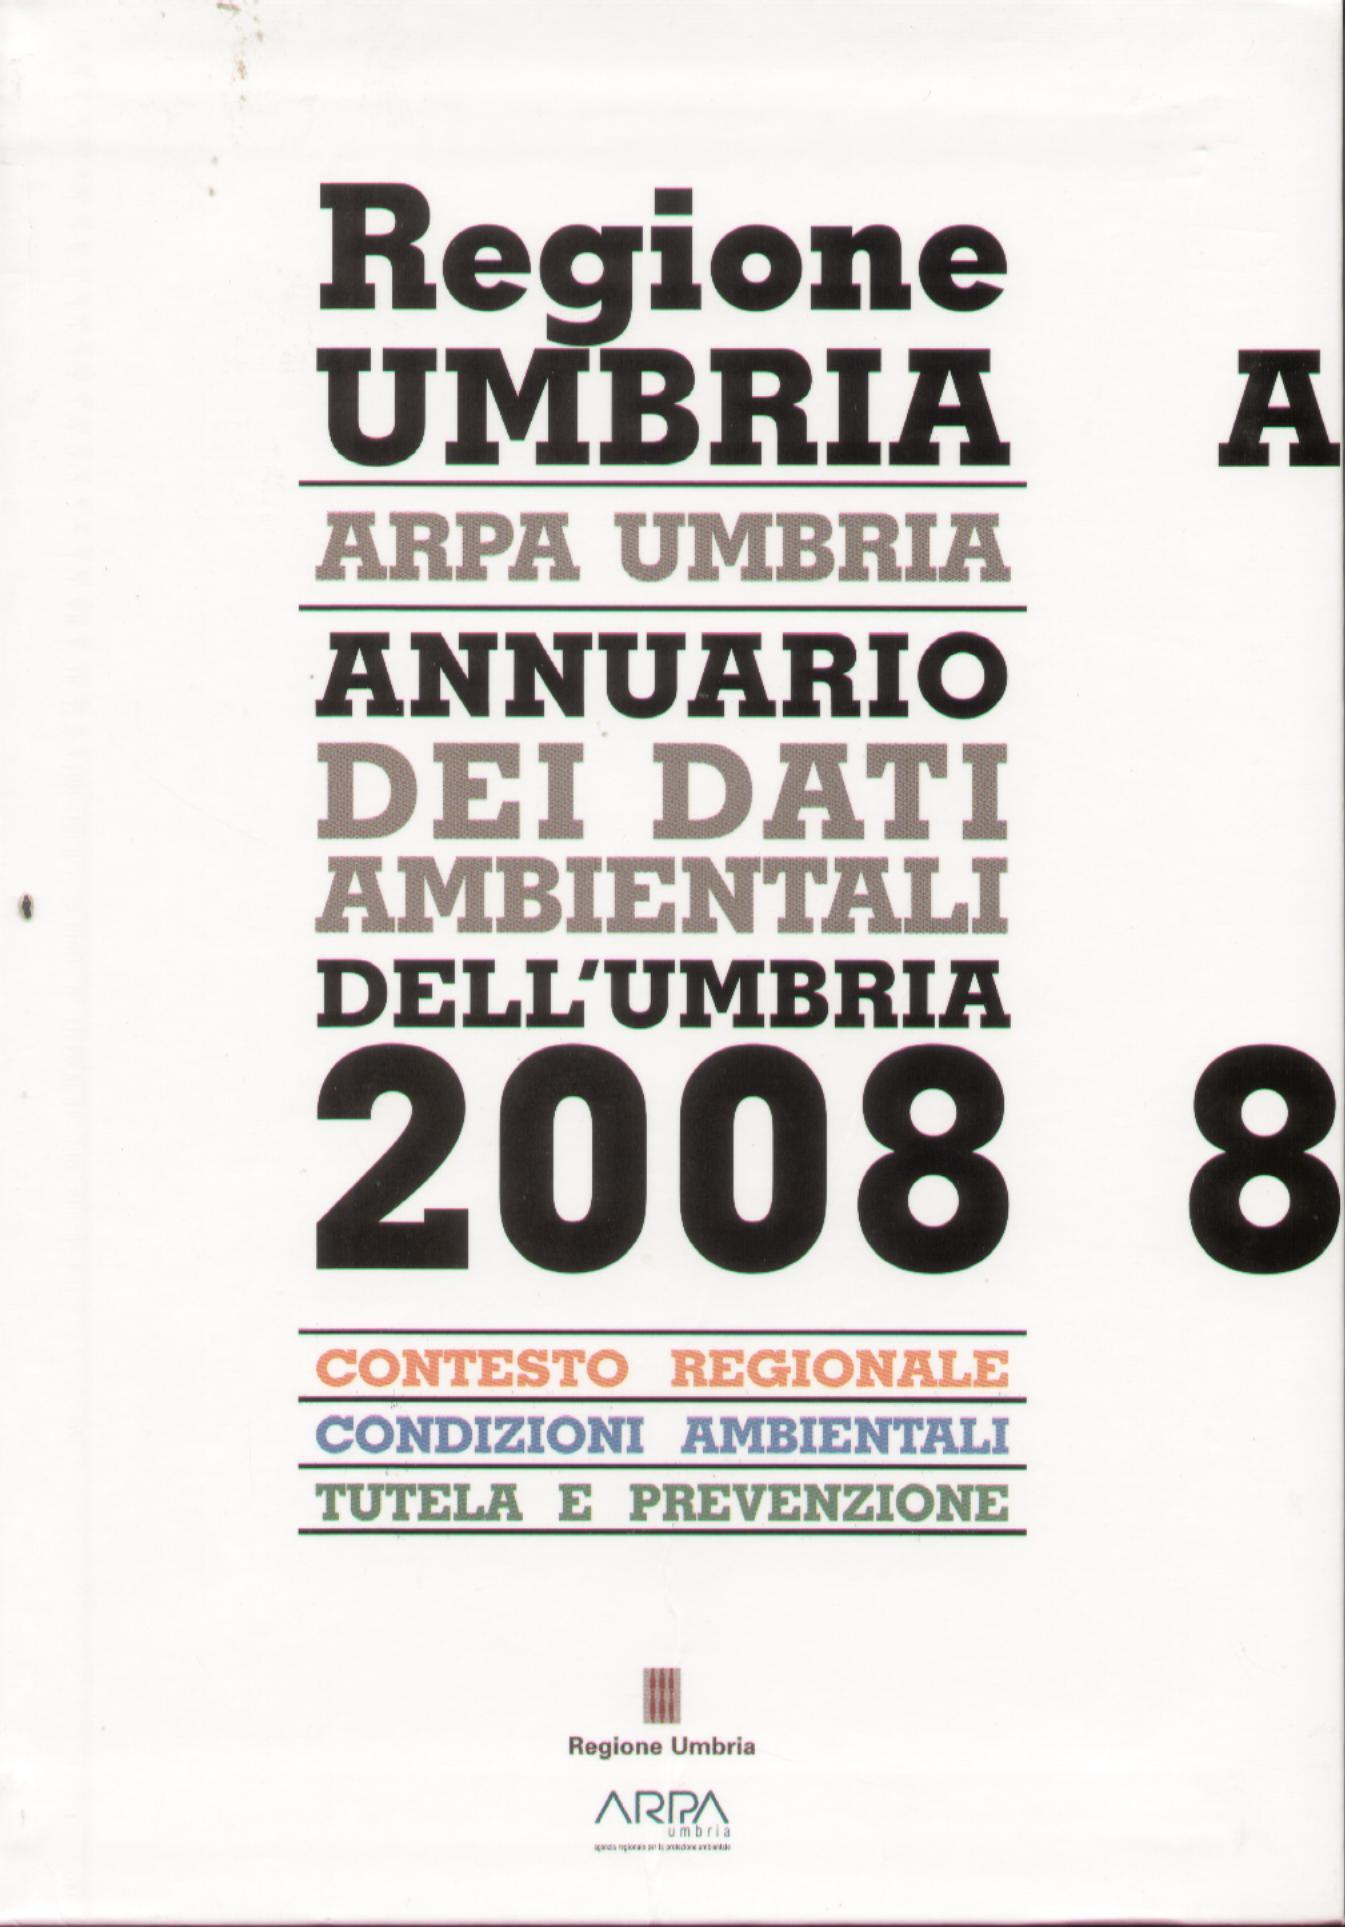 Annuario dei dati ambientali dell'Umbria